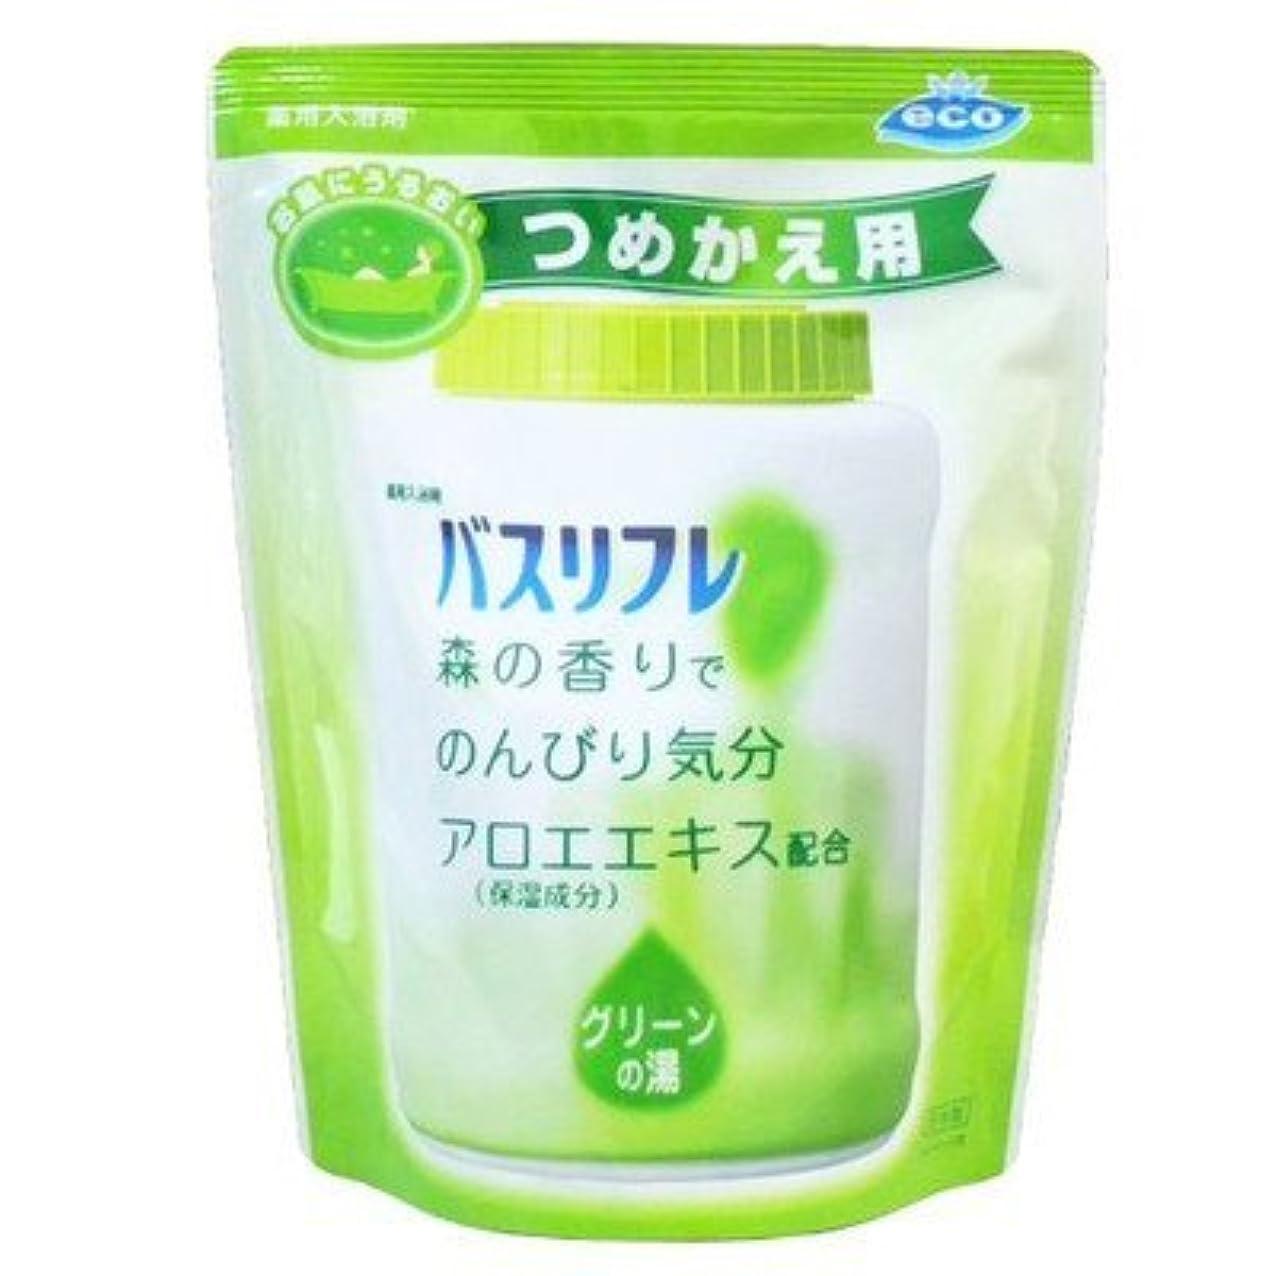 混合したリフト標準薬用入浴剤 バスリフレ グリーンの湯 つめかえ用 540g 森の香り (ライオンケミカル) Japan